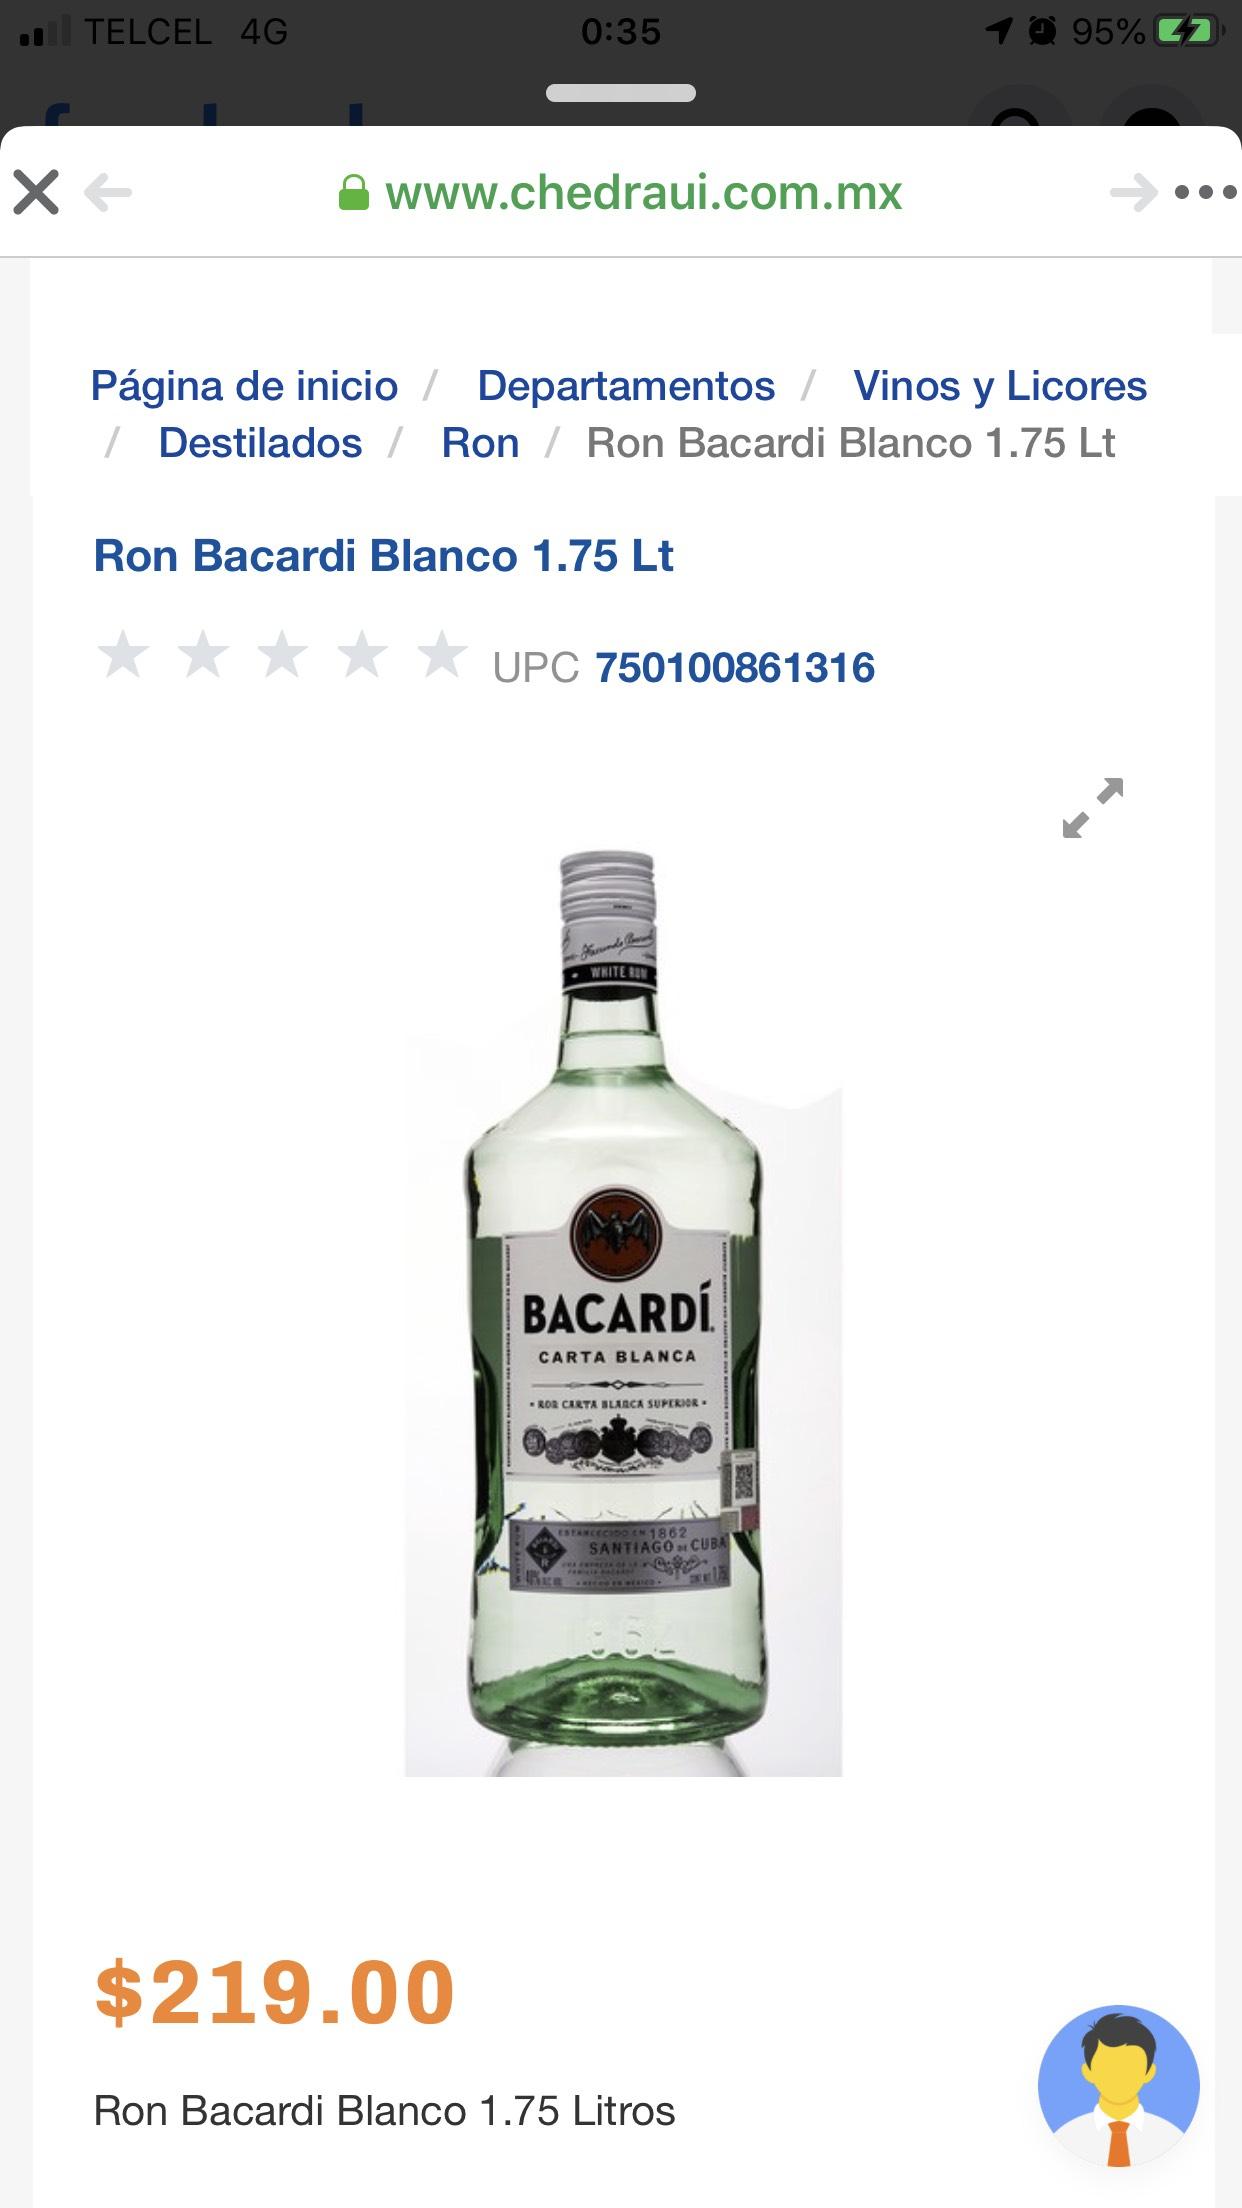 Chedraui: Bacardi blanco de 1.75 L.